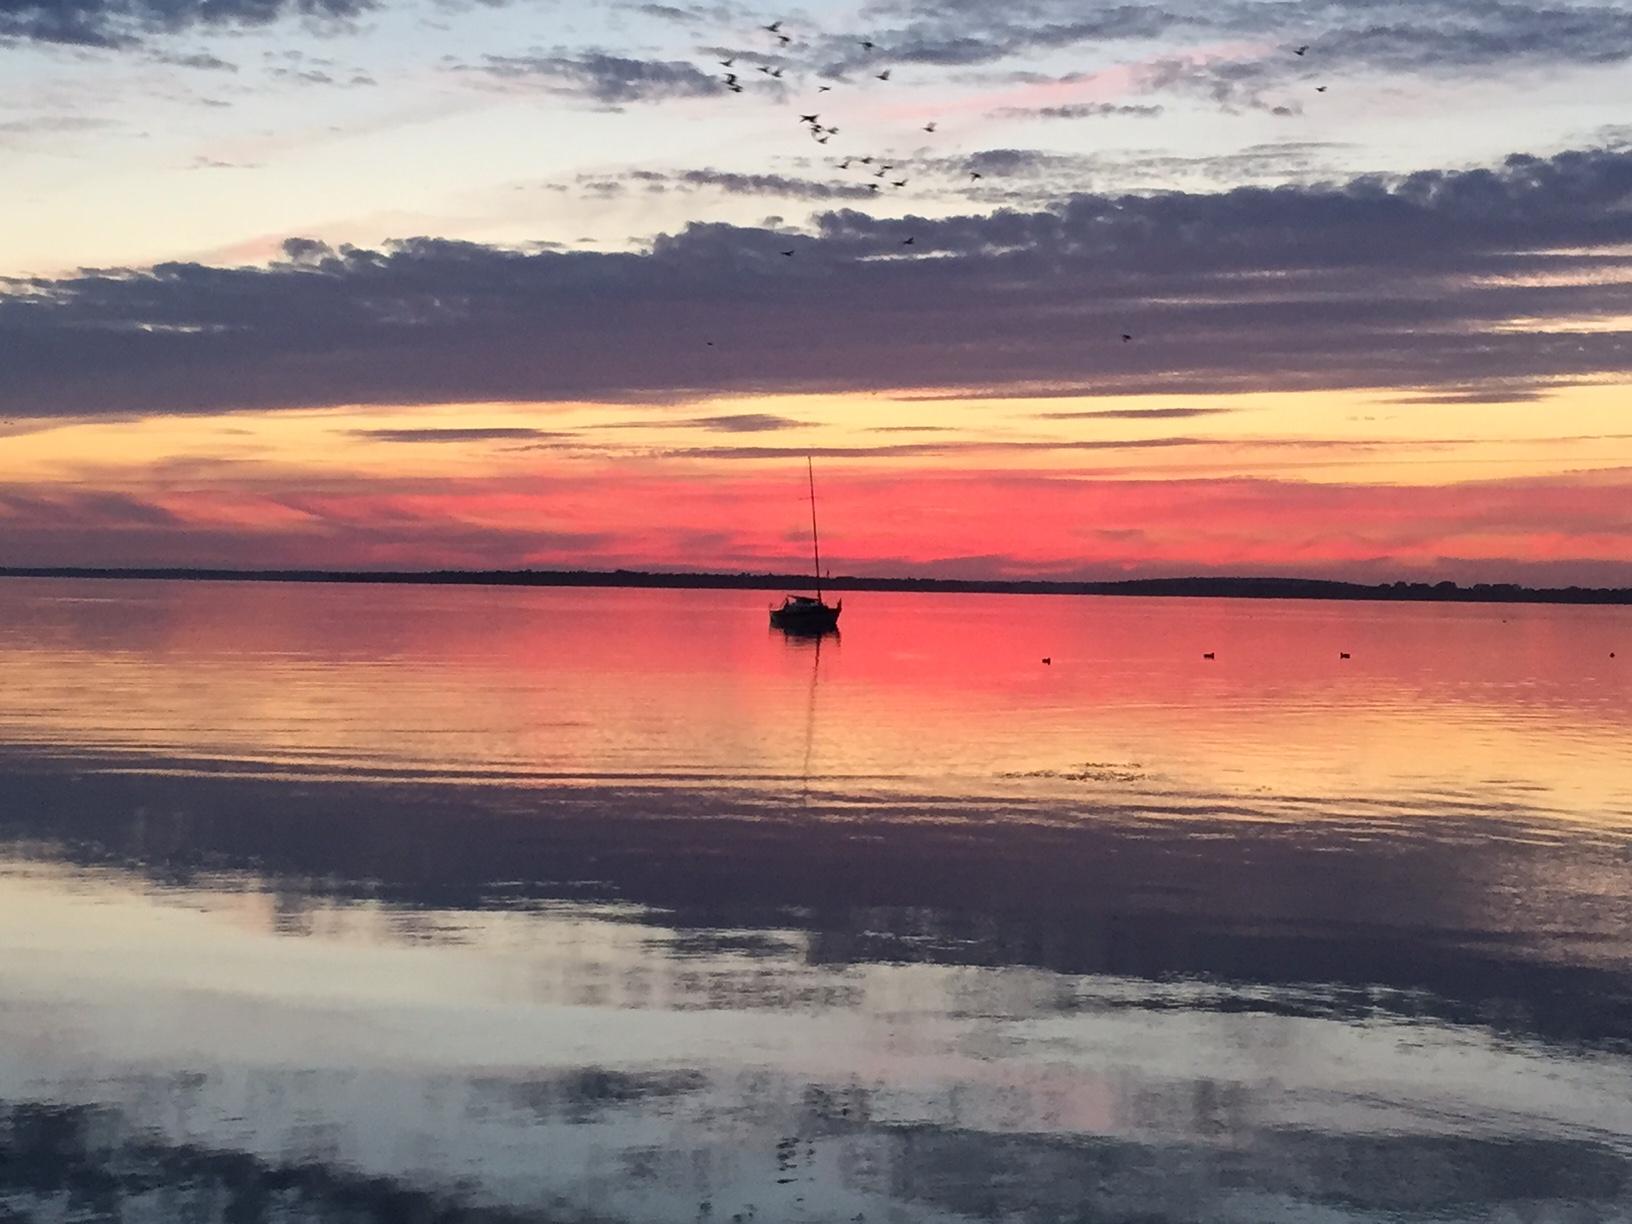 Sunset Premium Yachting